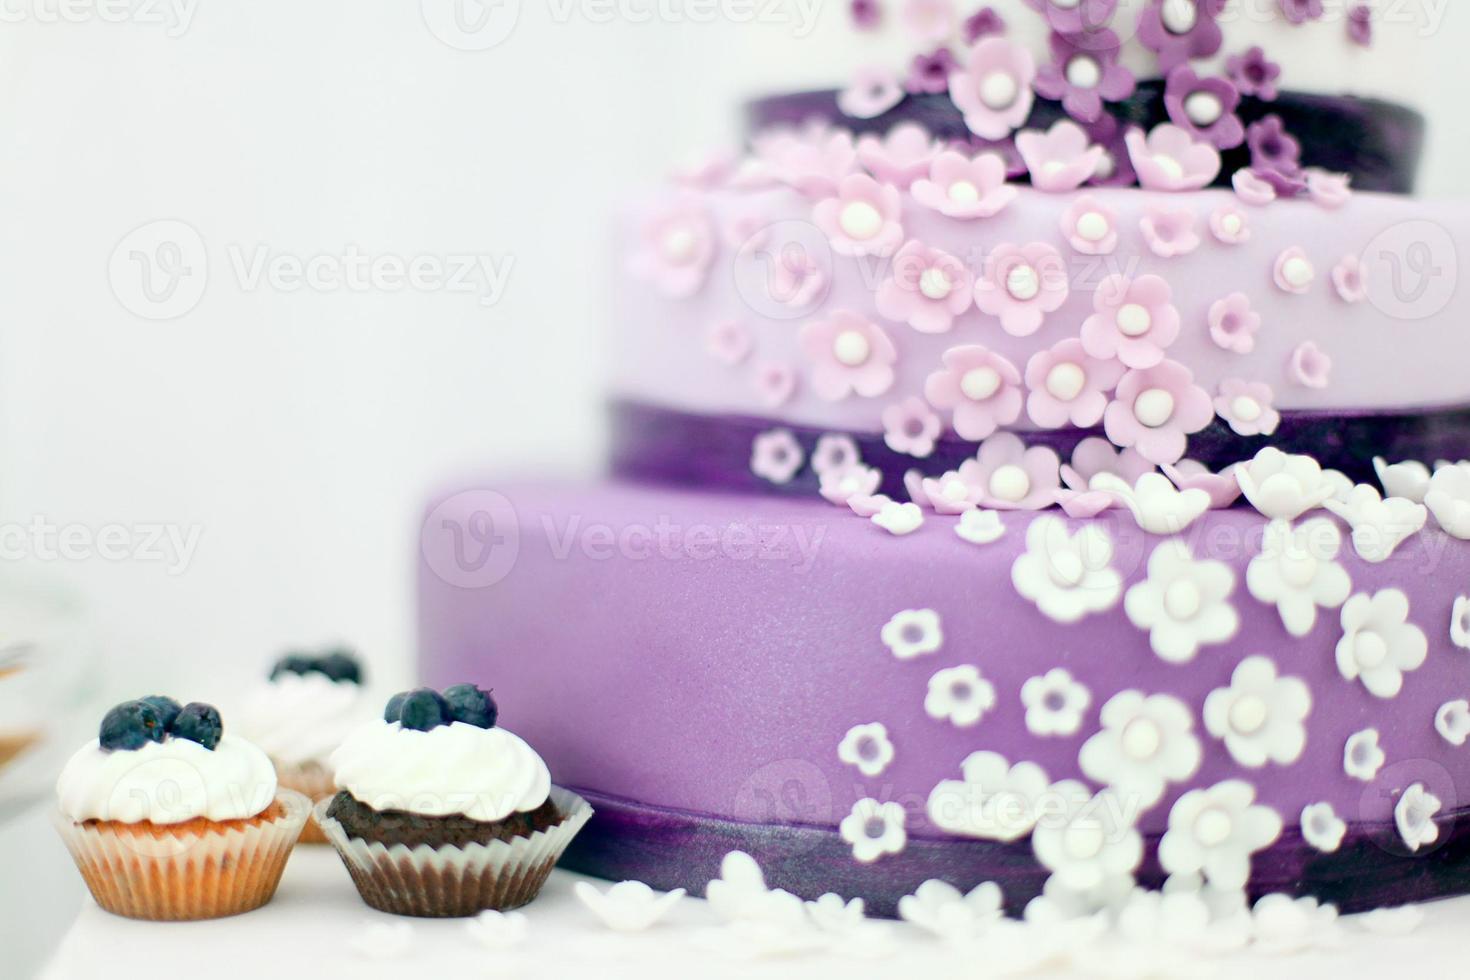 bonbons de mariage, gâteau aux bleuets photo